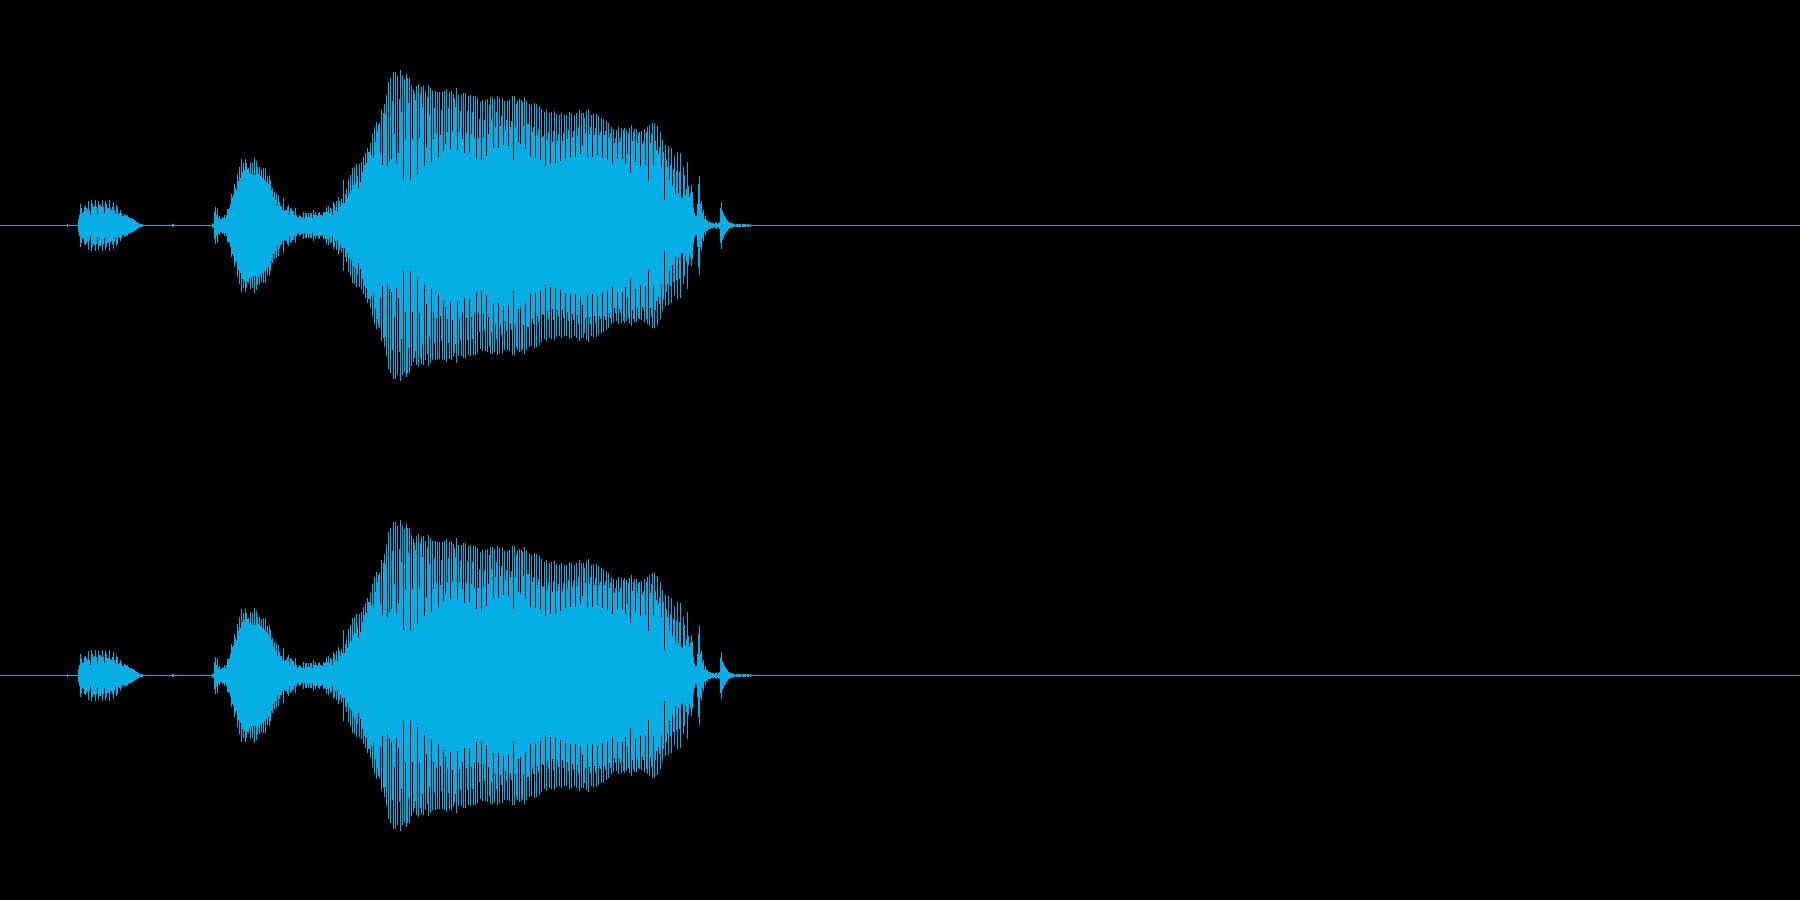 「いくぞー」の再生済みの波形